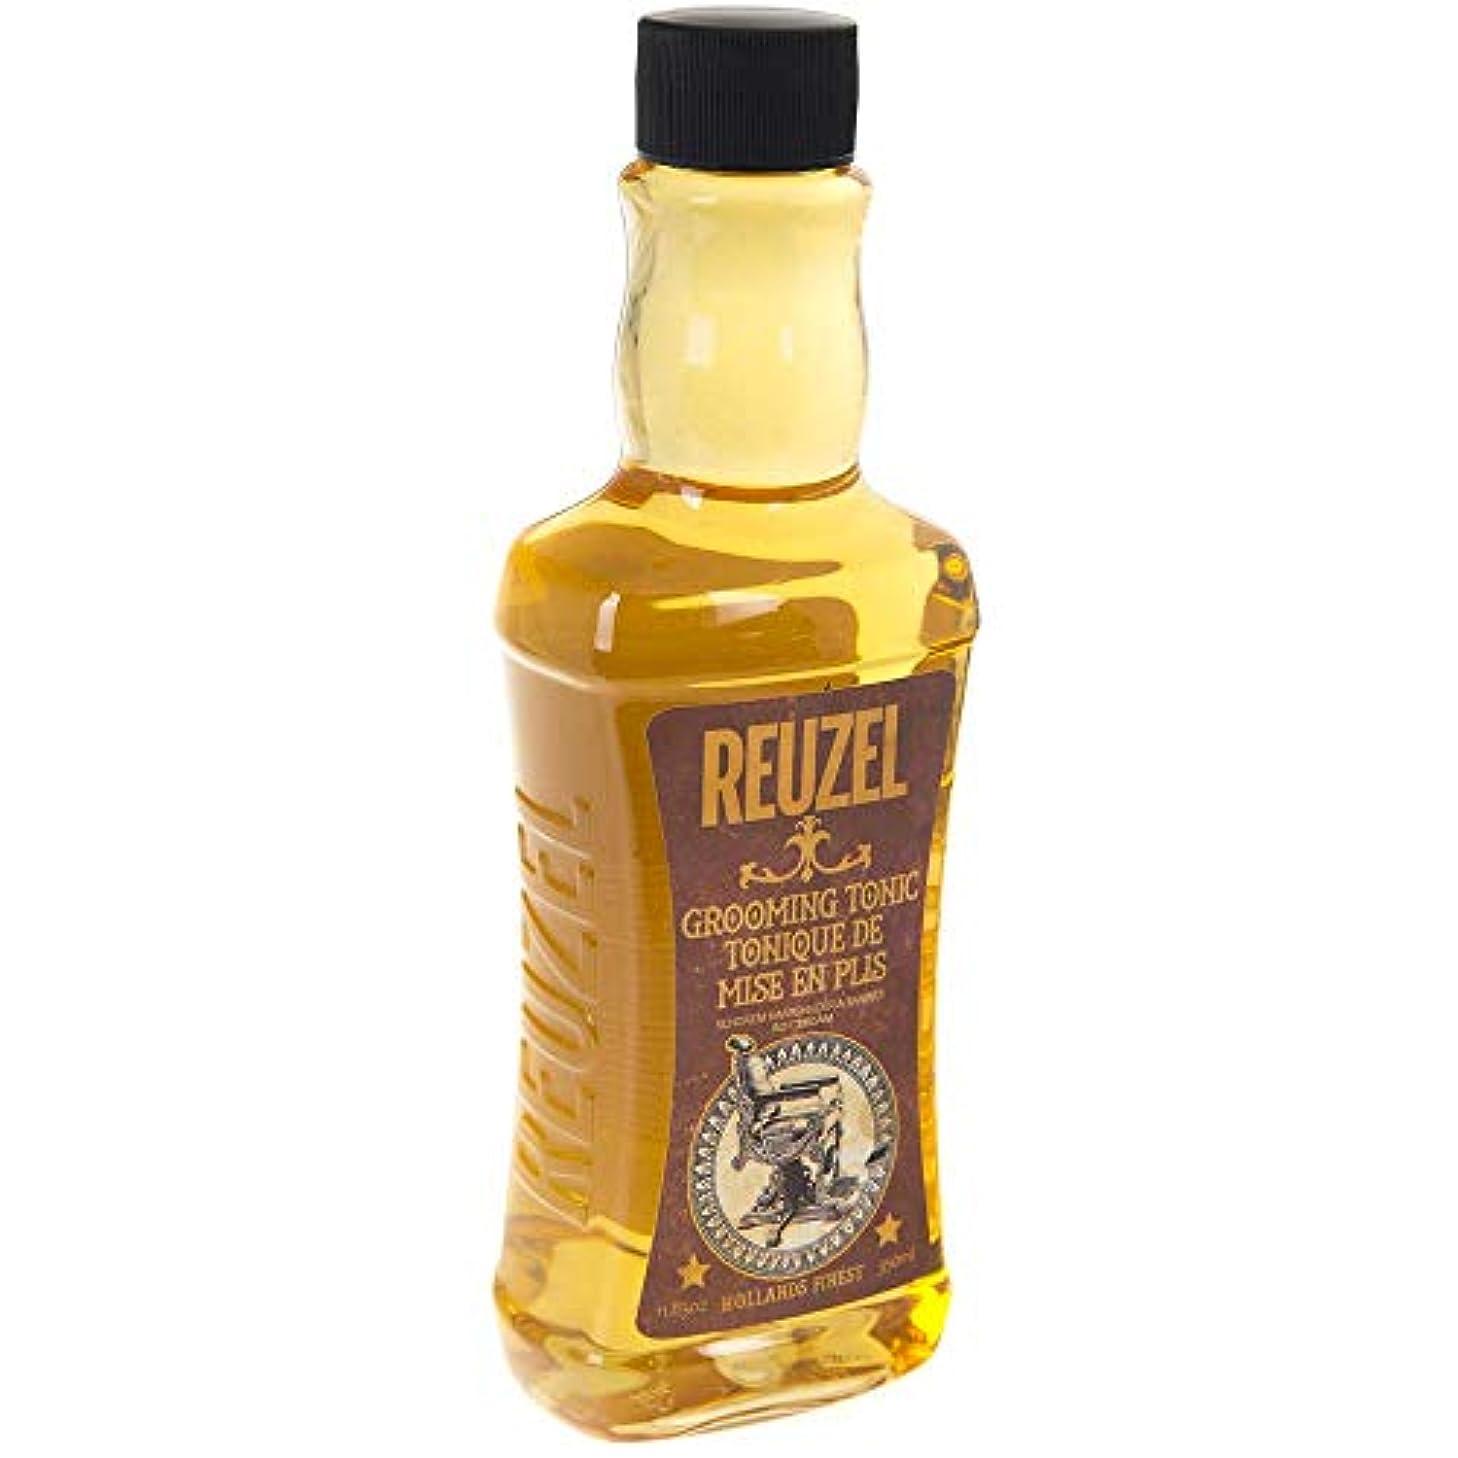 備品タイヤ更新ルーゾー グルーミング トニック Reuzel Grooming Tonic 350 ml [並行輸入品]